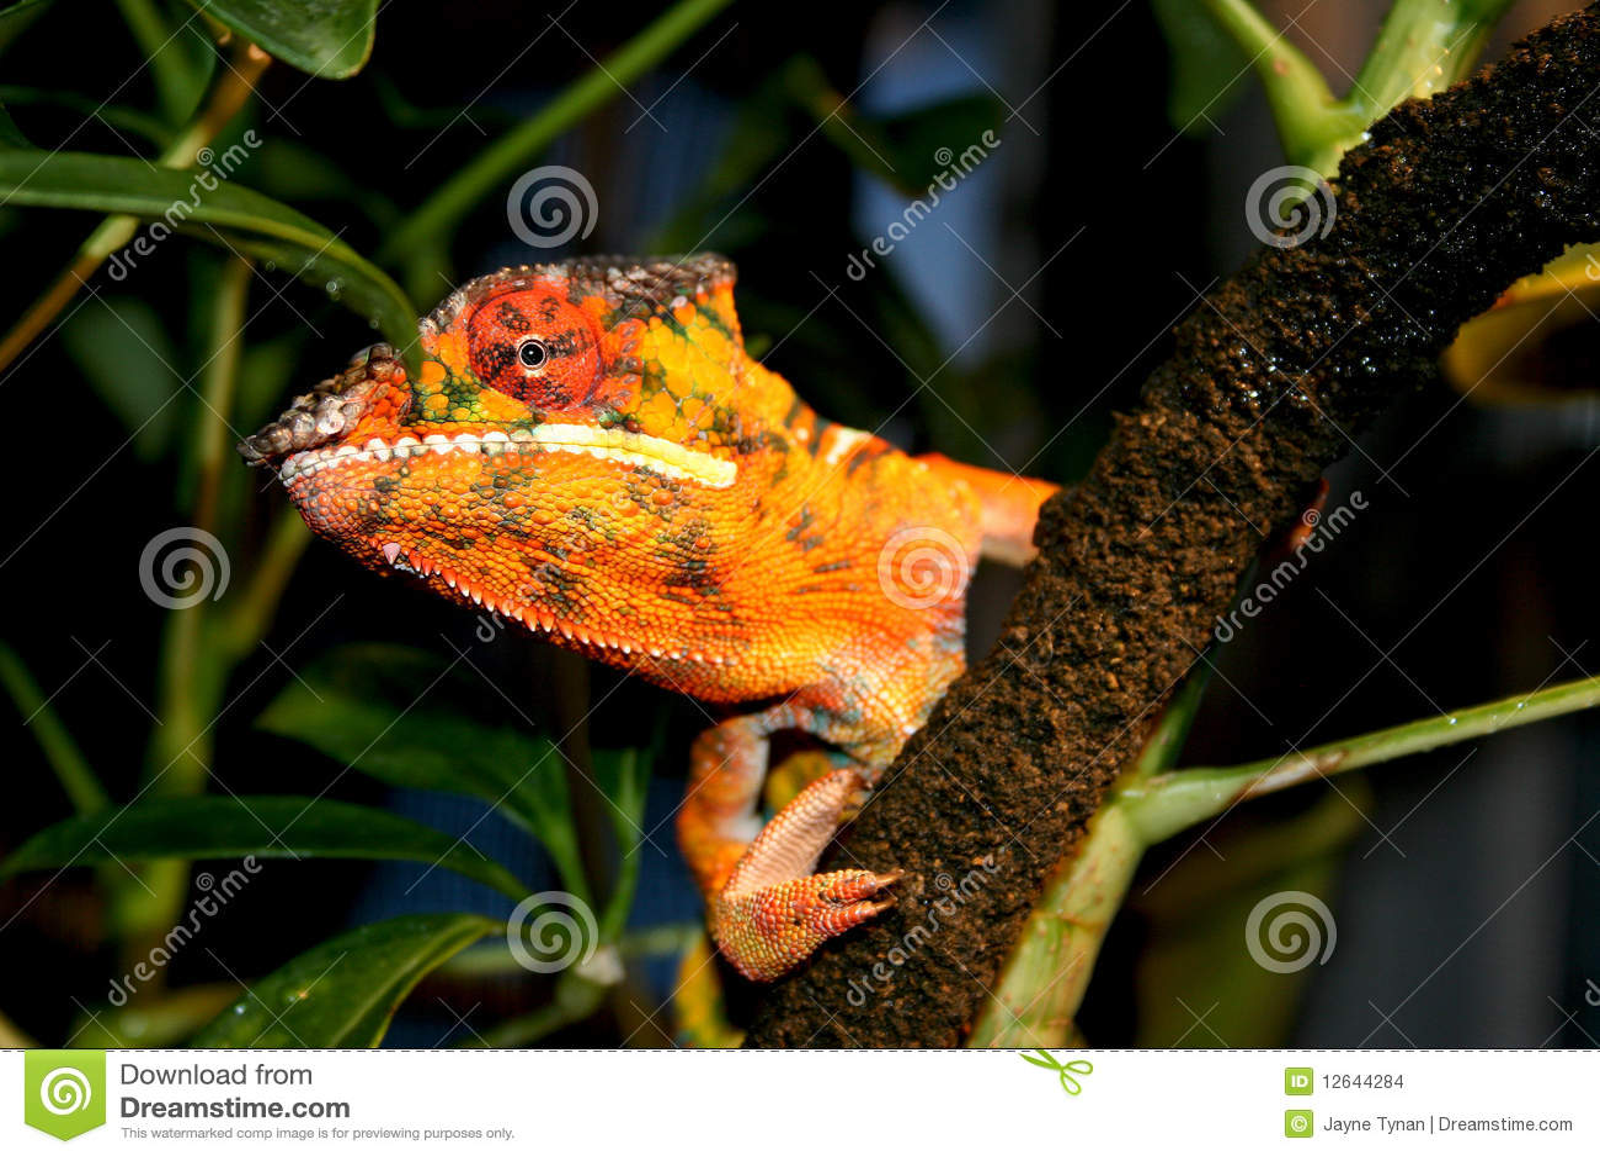 Panther Chameleon Peeking